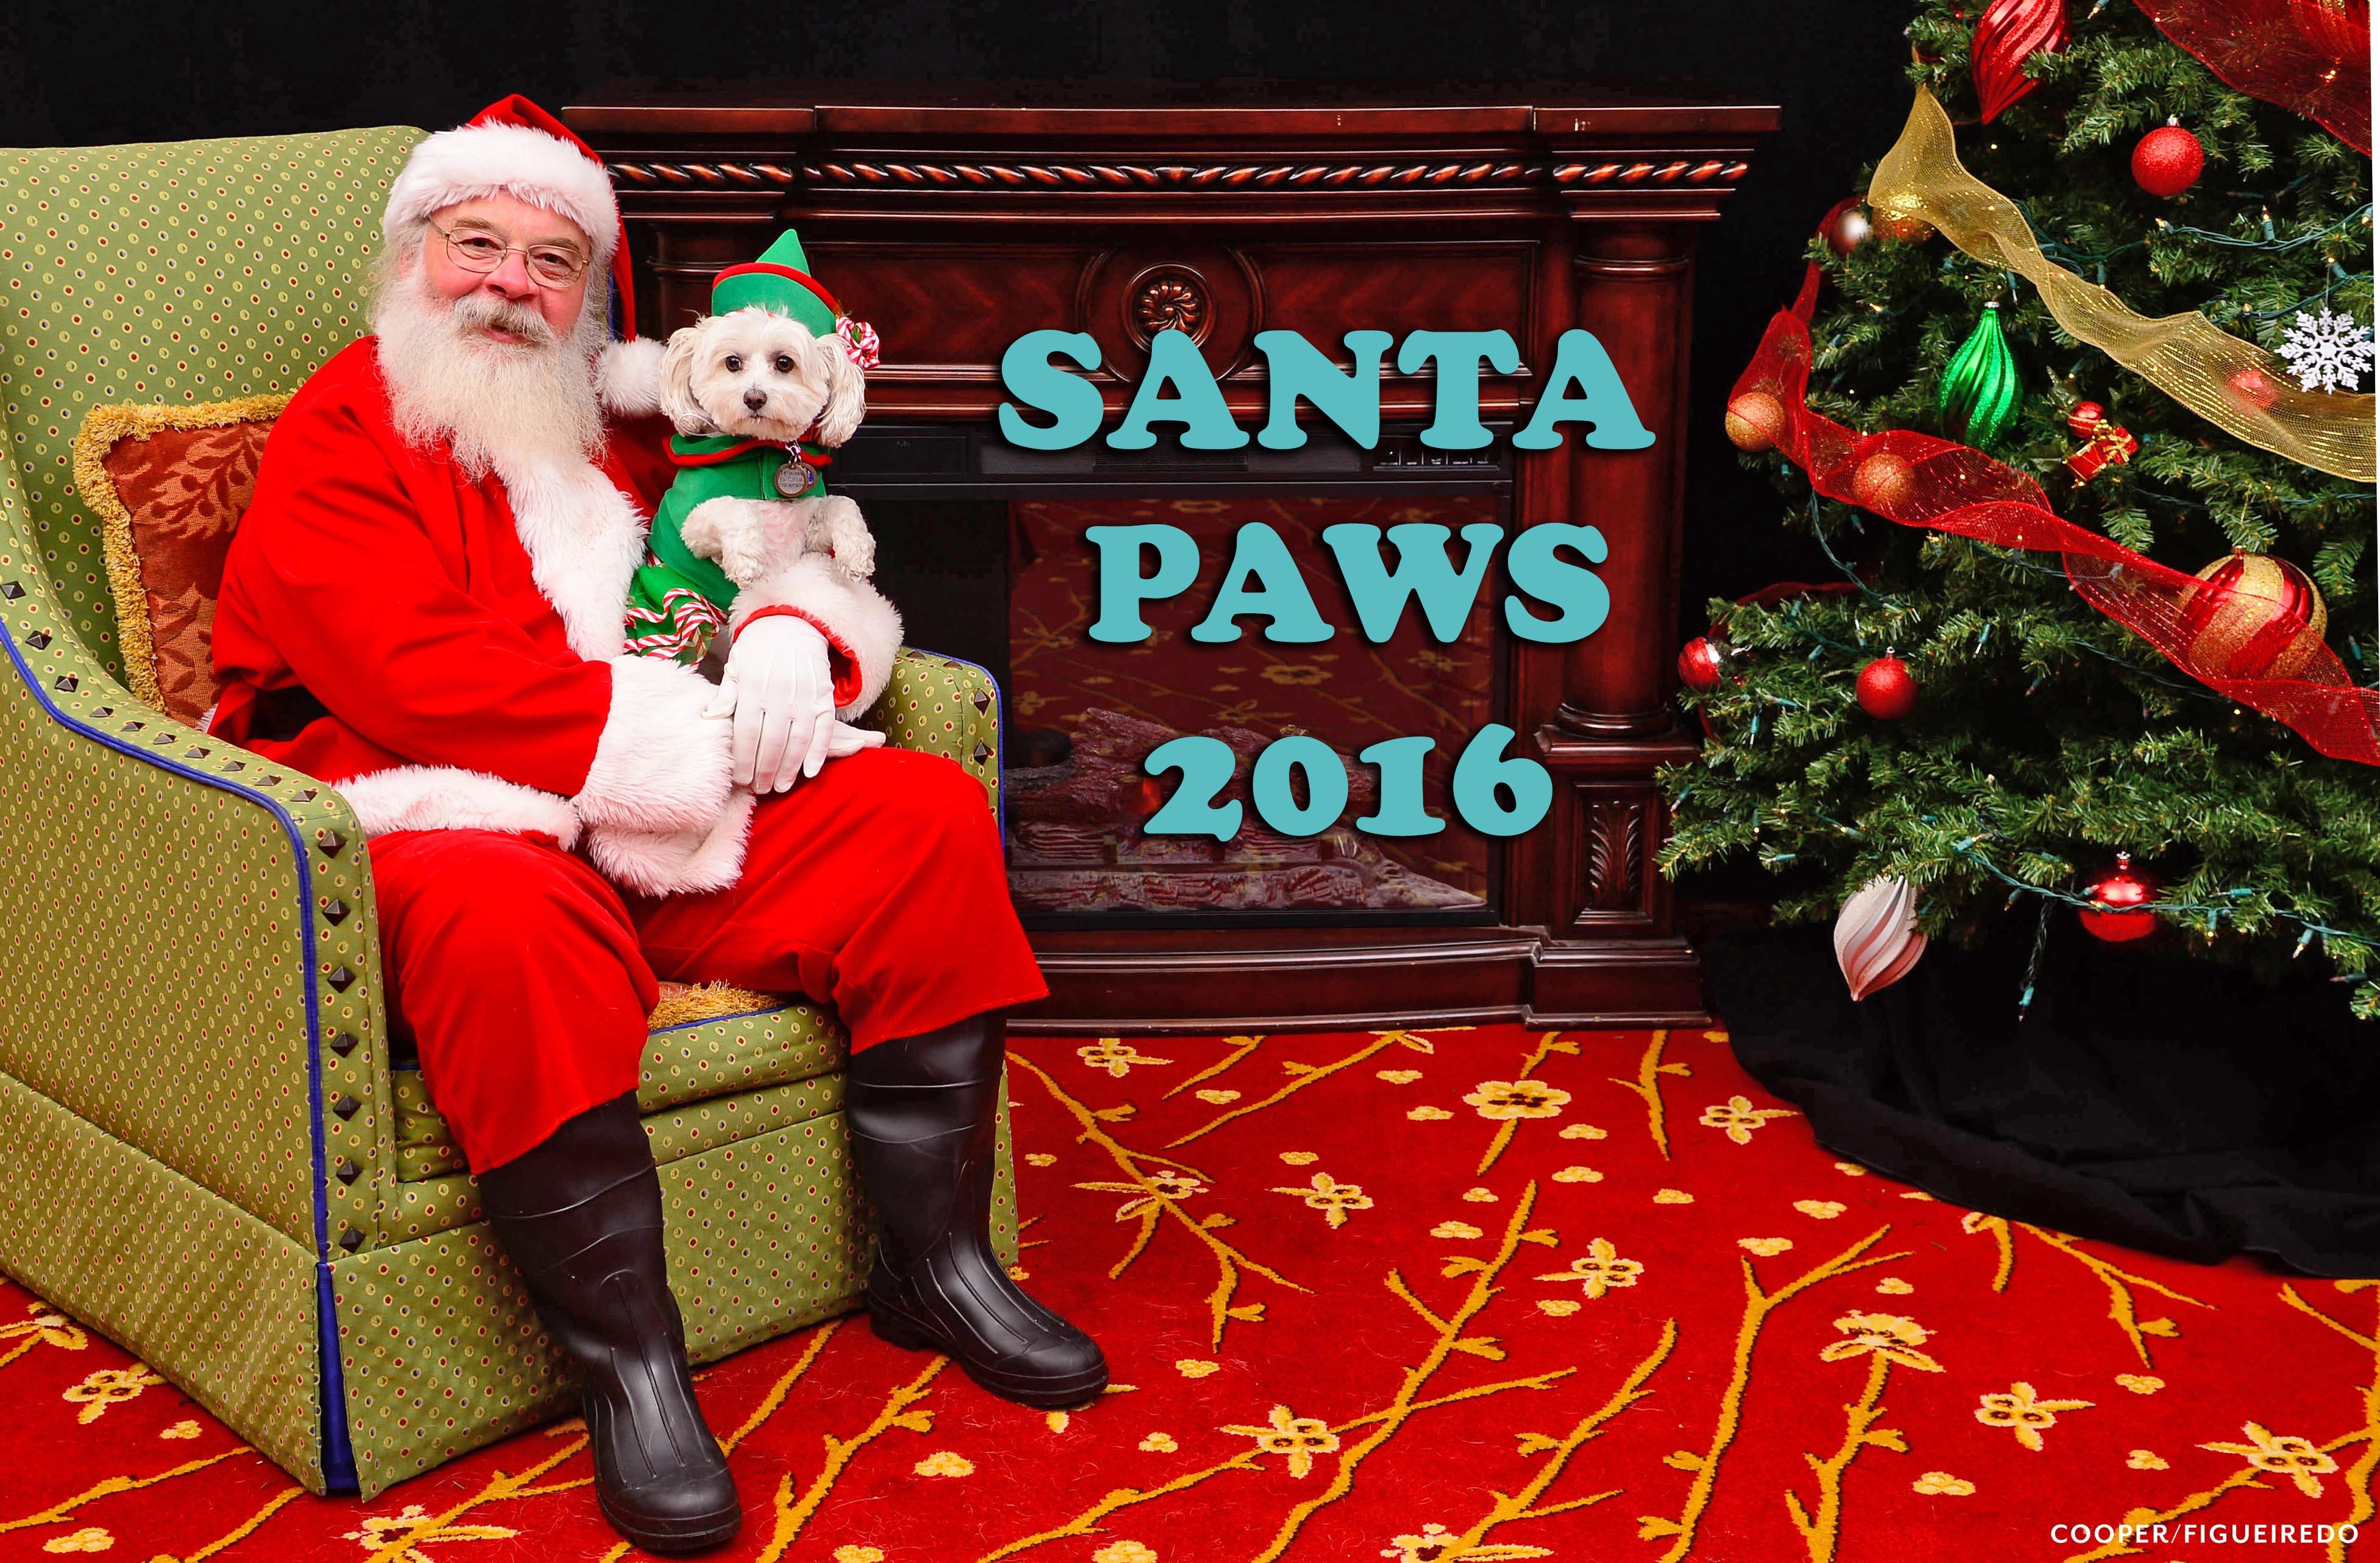 Santa.paws.2016.jpg